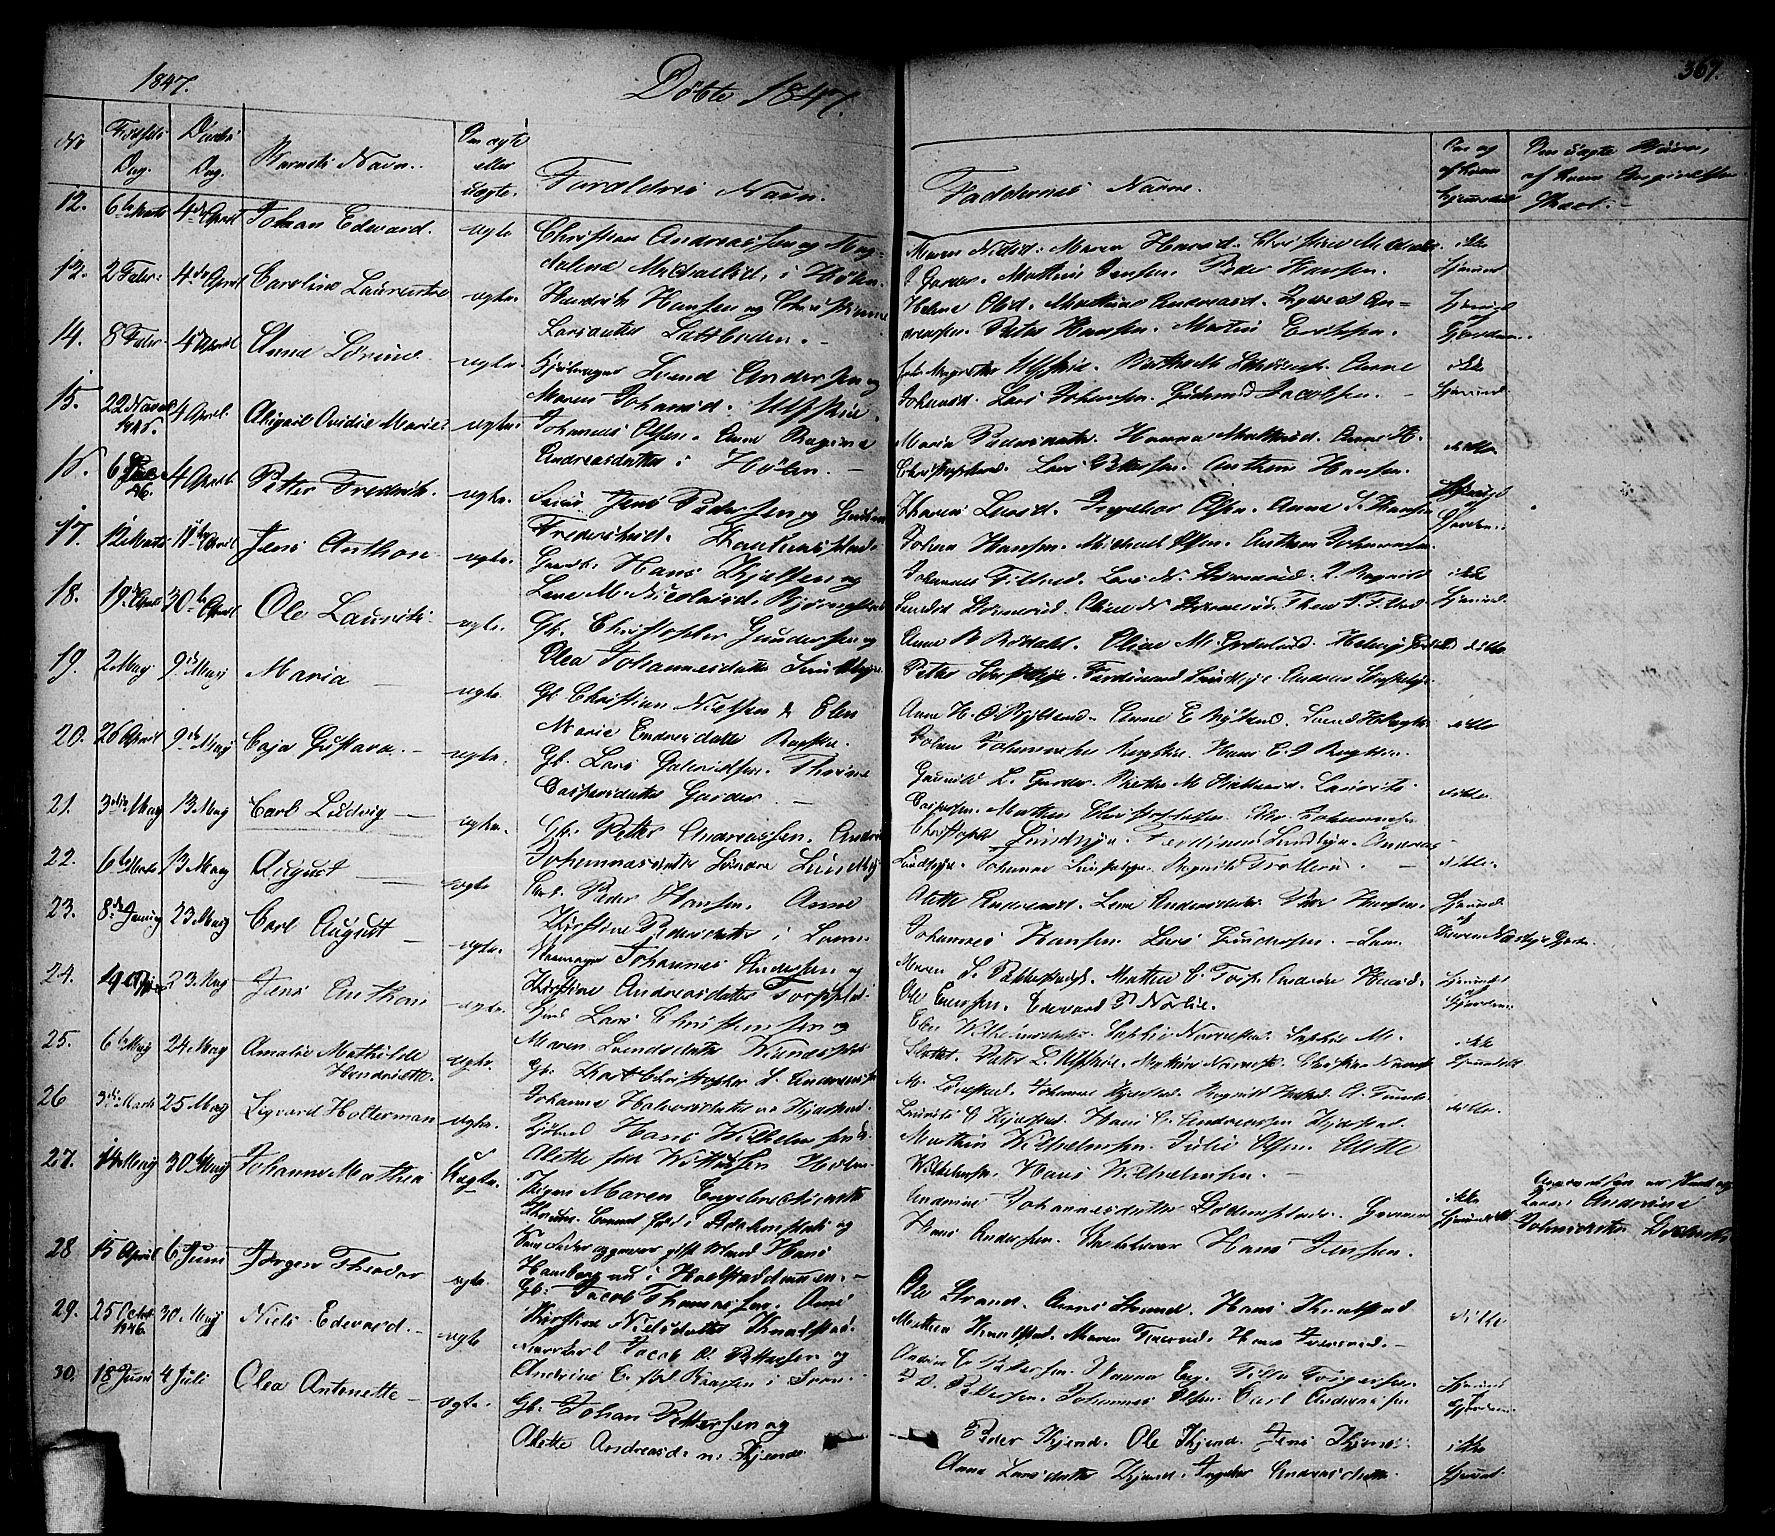 SAO, Vestby prestekontor Kirkebøker, F/Fa/L0006: Ministerialbok nr. I 6, 1827-1849, s. 367